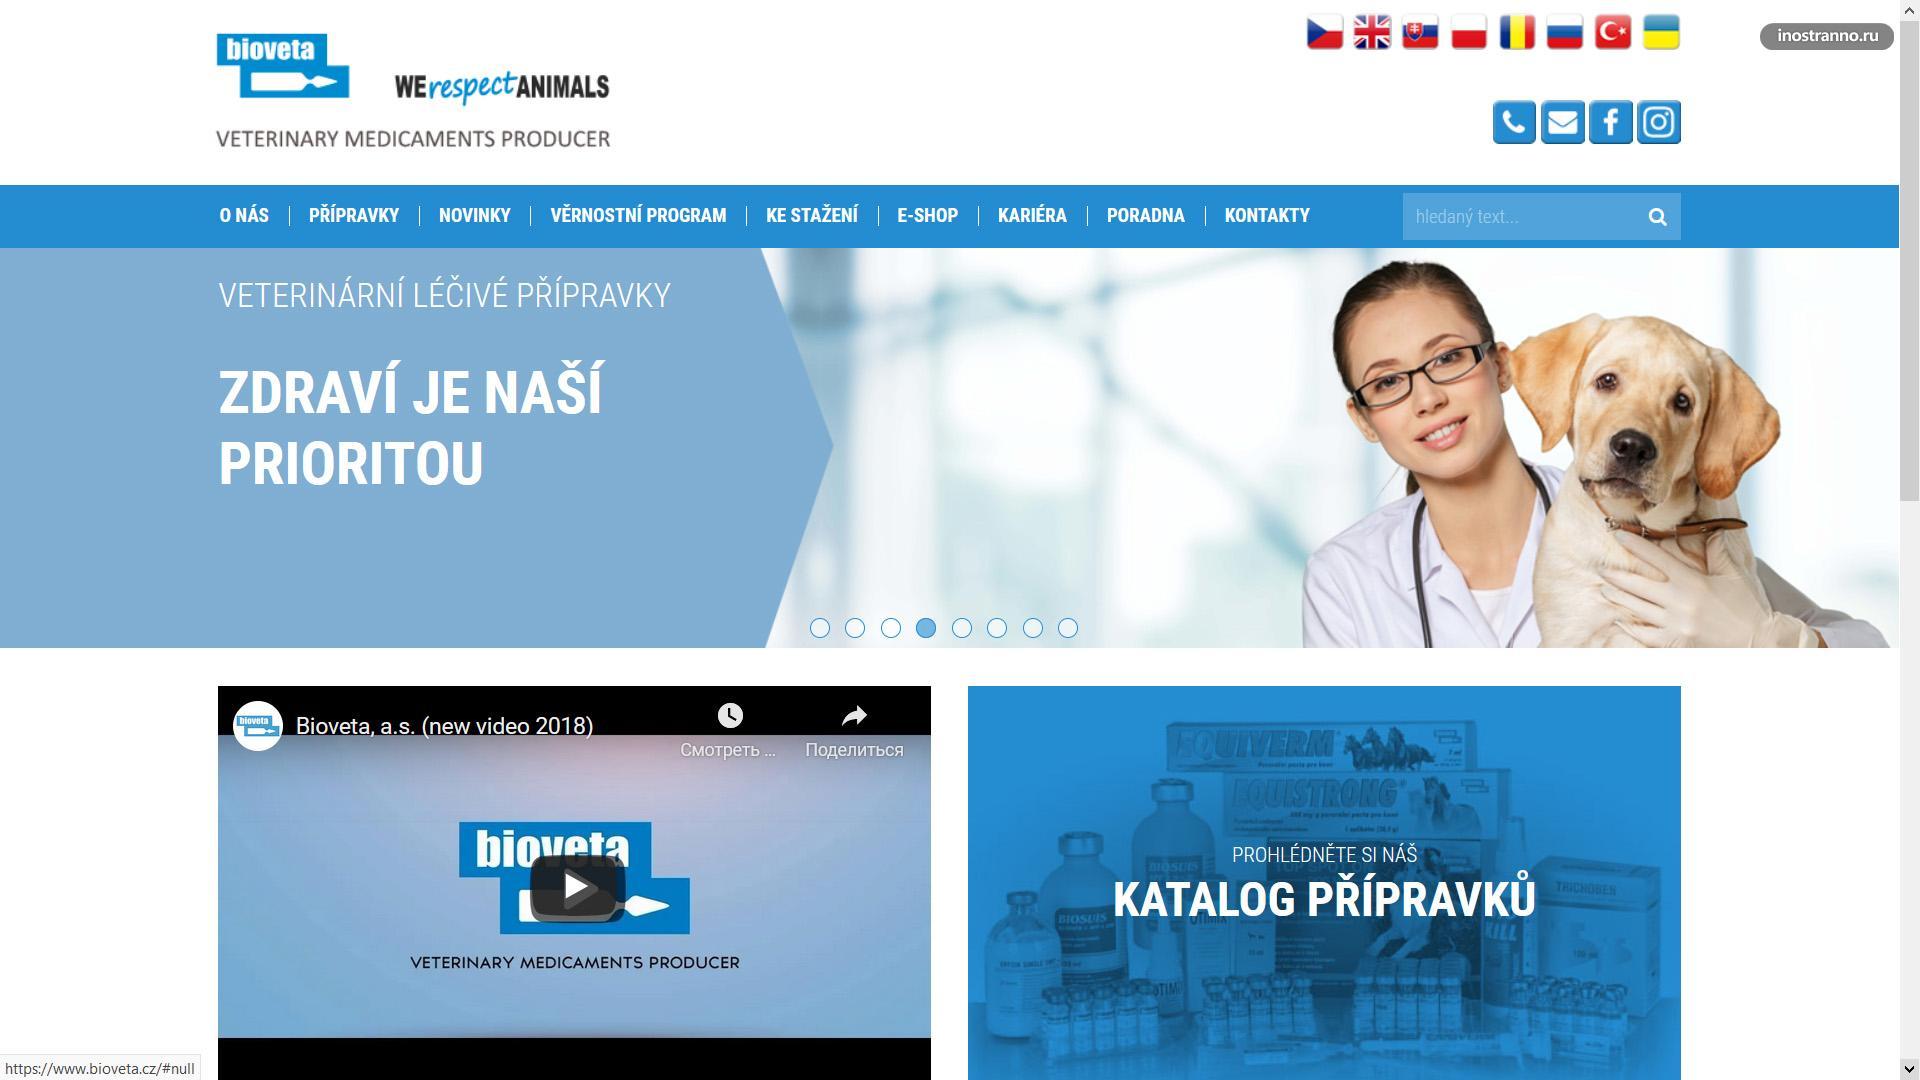 Bioveta препараты и вакцины для животных из Европы